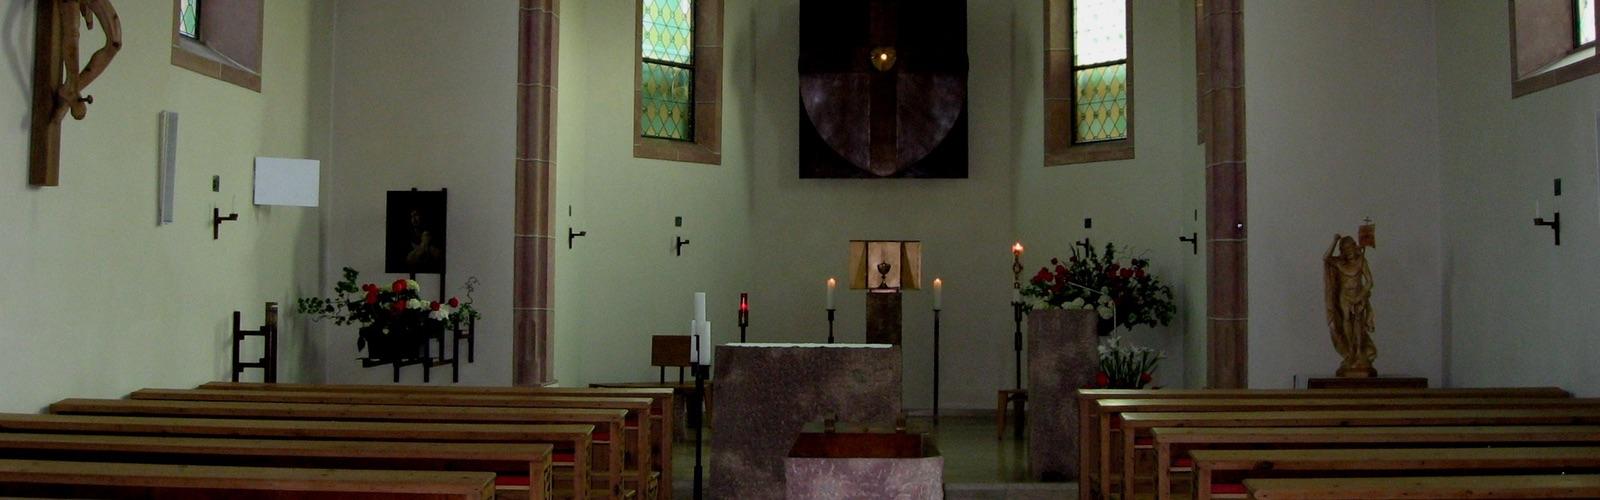 Pfarrkirche Siebeneich